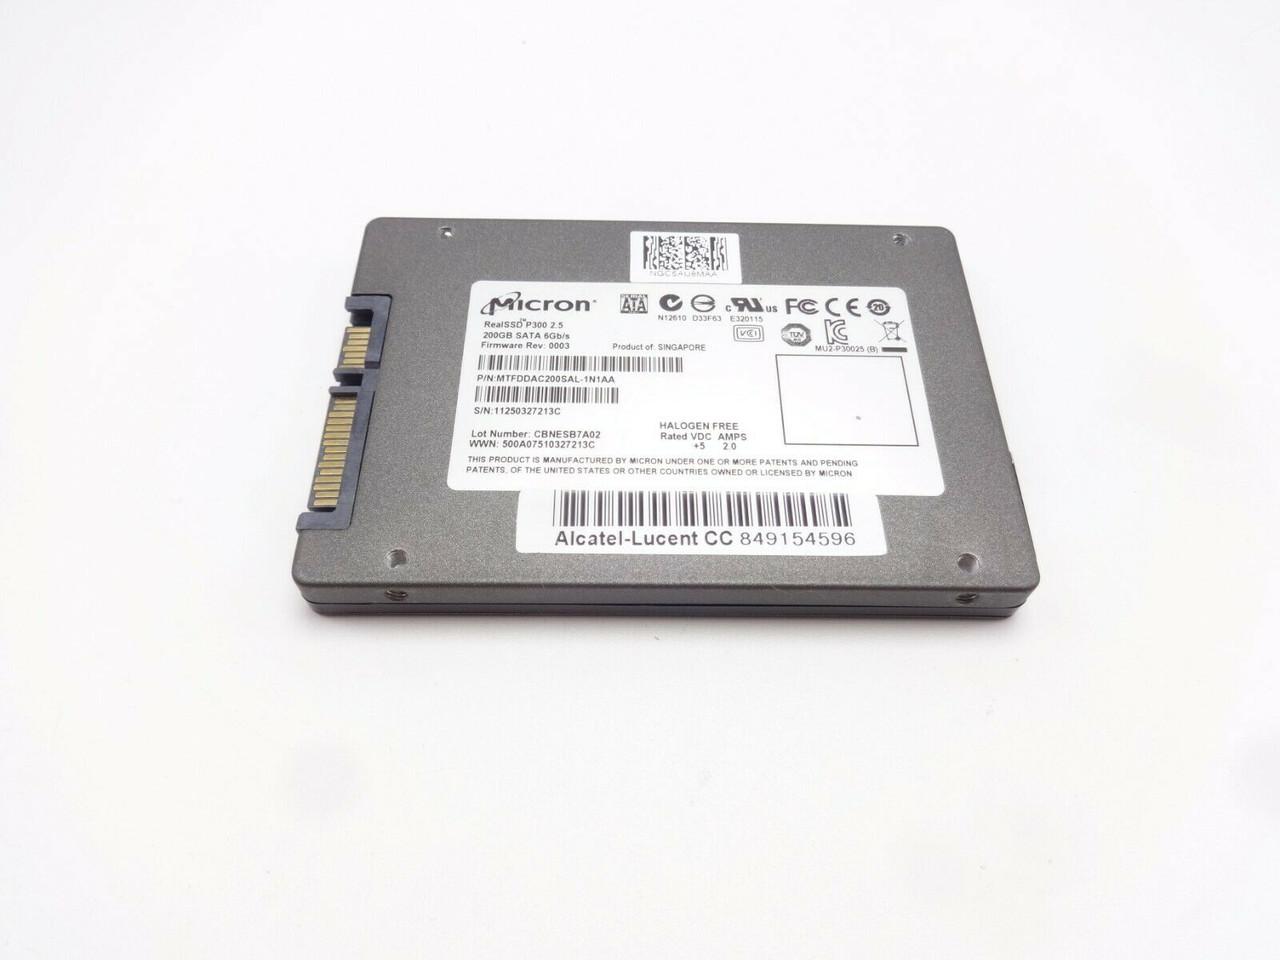 Micron MTFDDAC200SAL-1N1AA 200GB SATA 6Gbps 2.5 Solid State Hard Drive